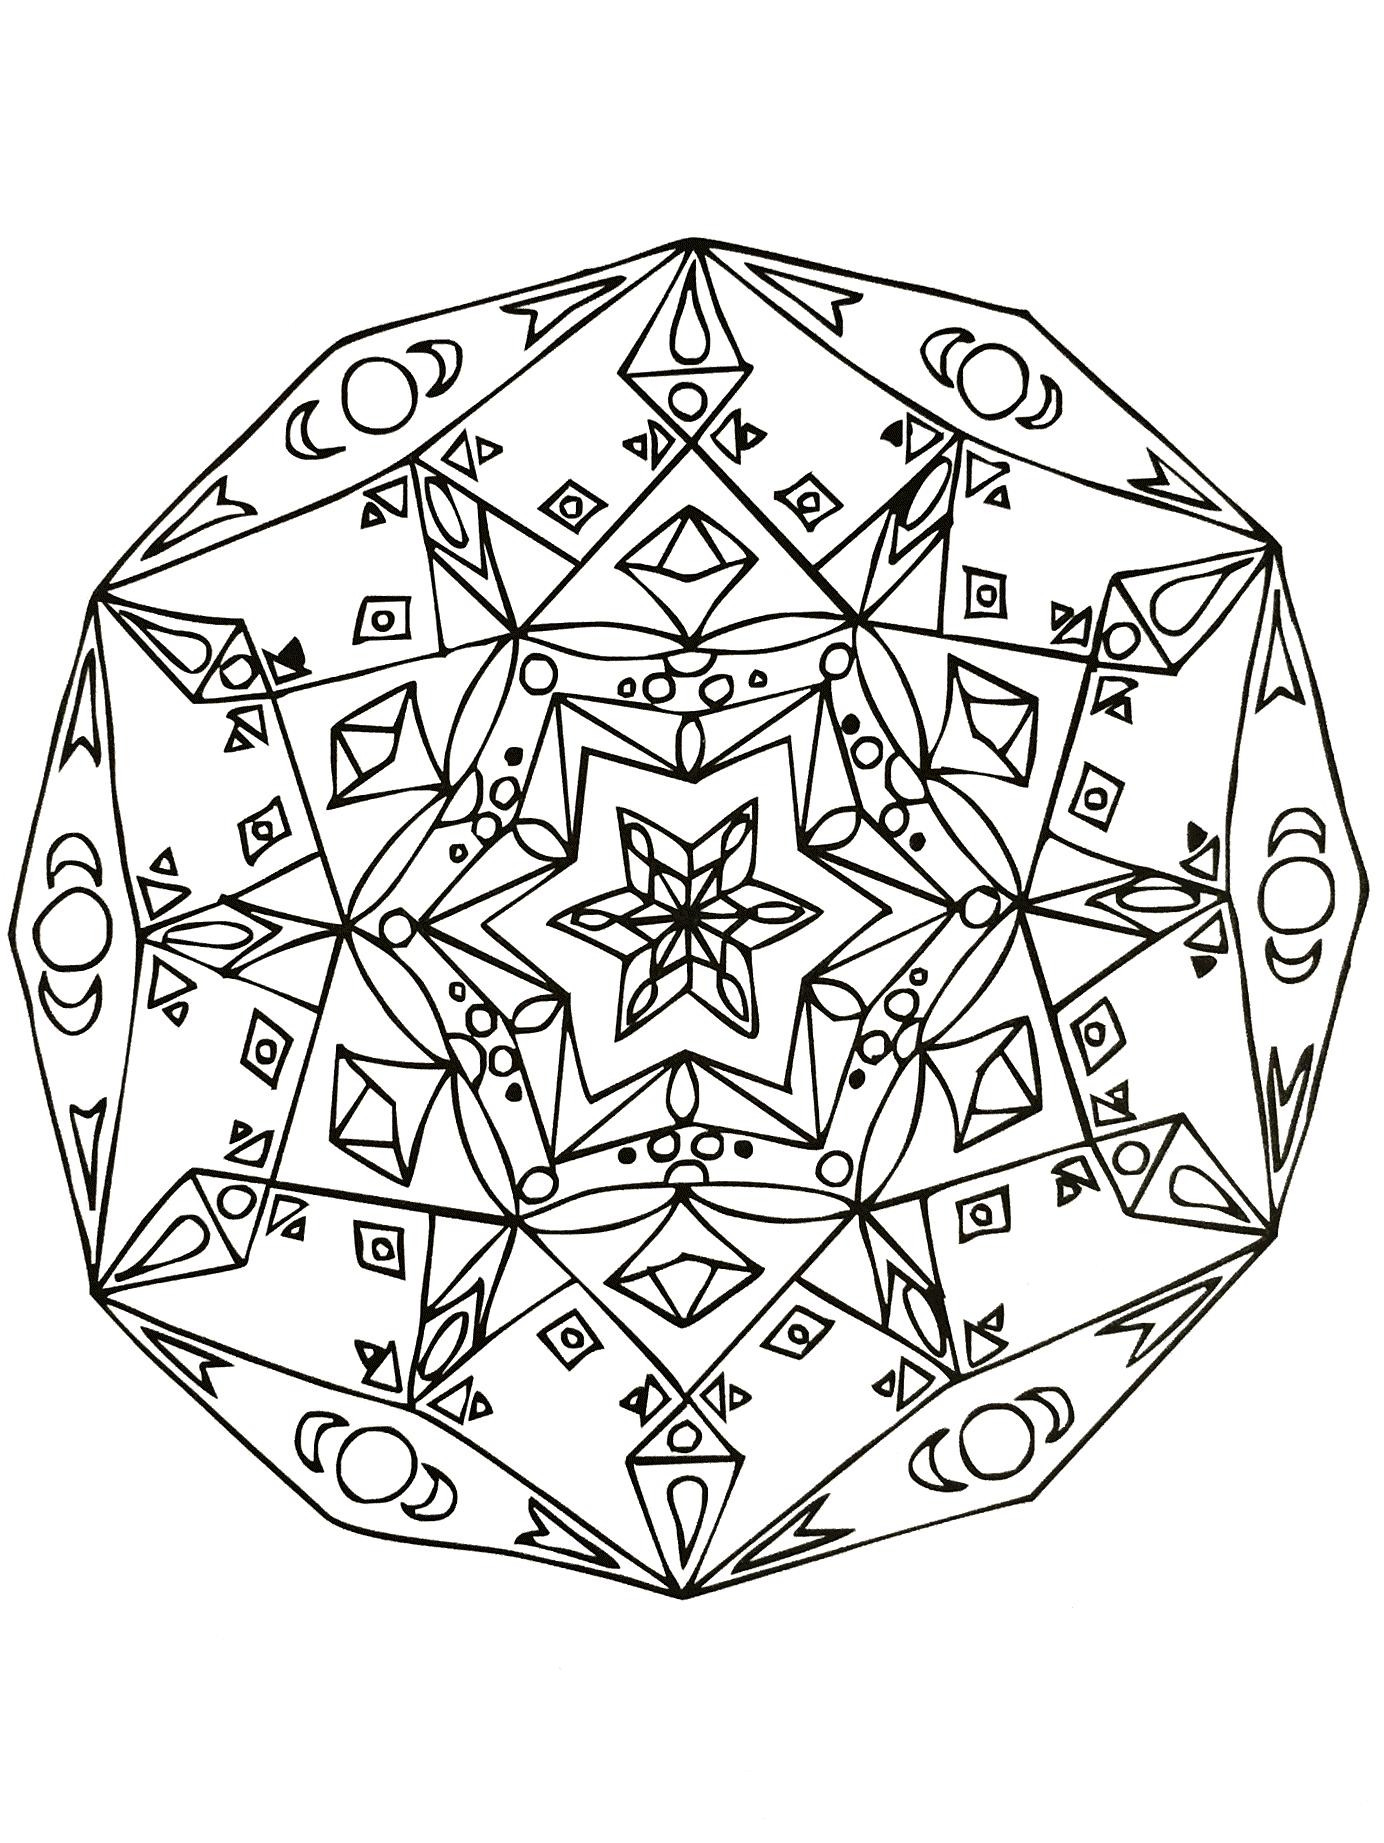 Disegni da colorare per adulti : Mandalas - 64